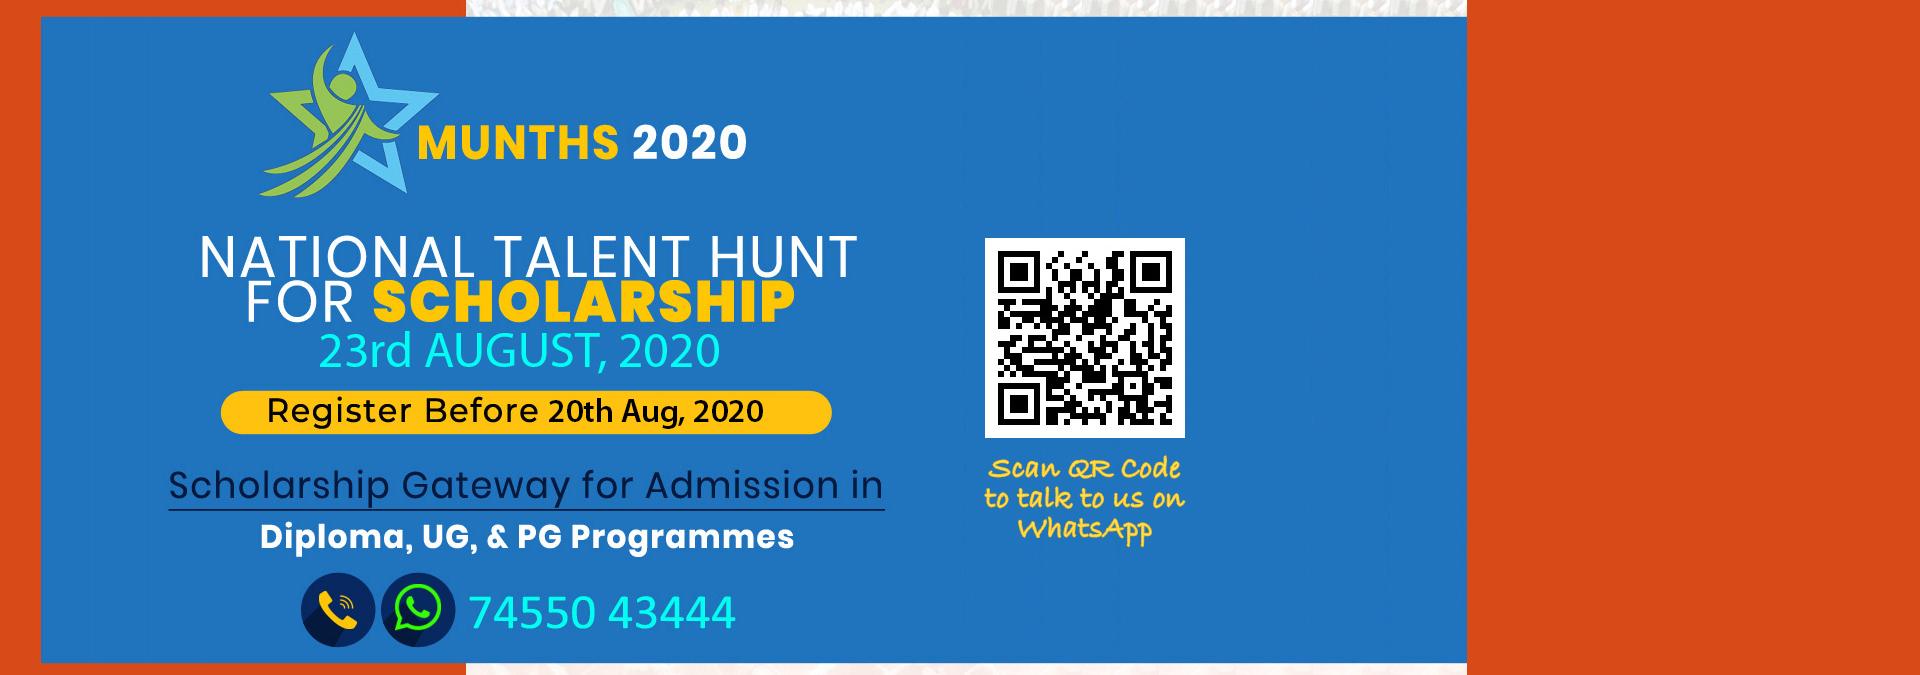 Online Scholarship Test - MUNTHS 2020